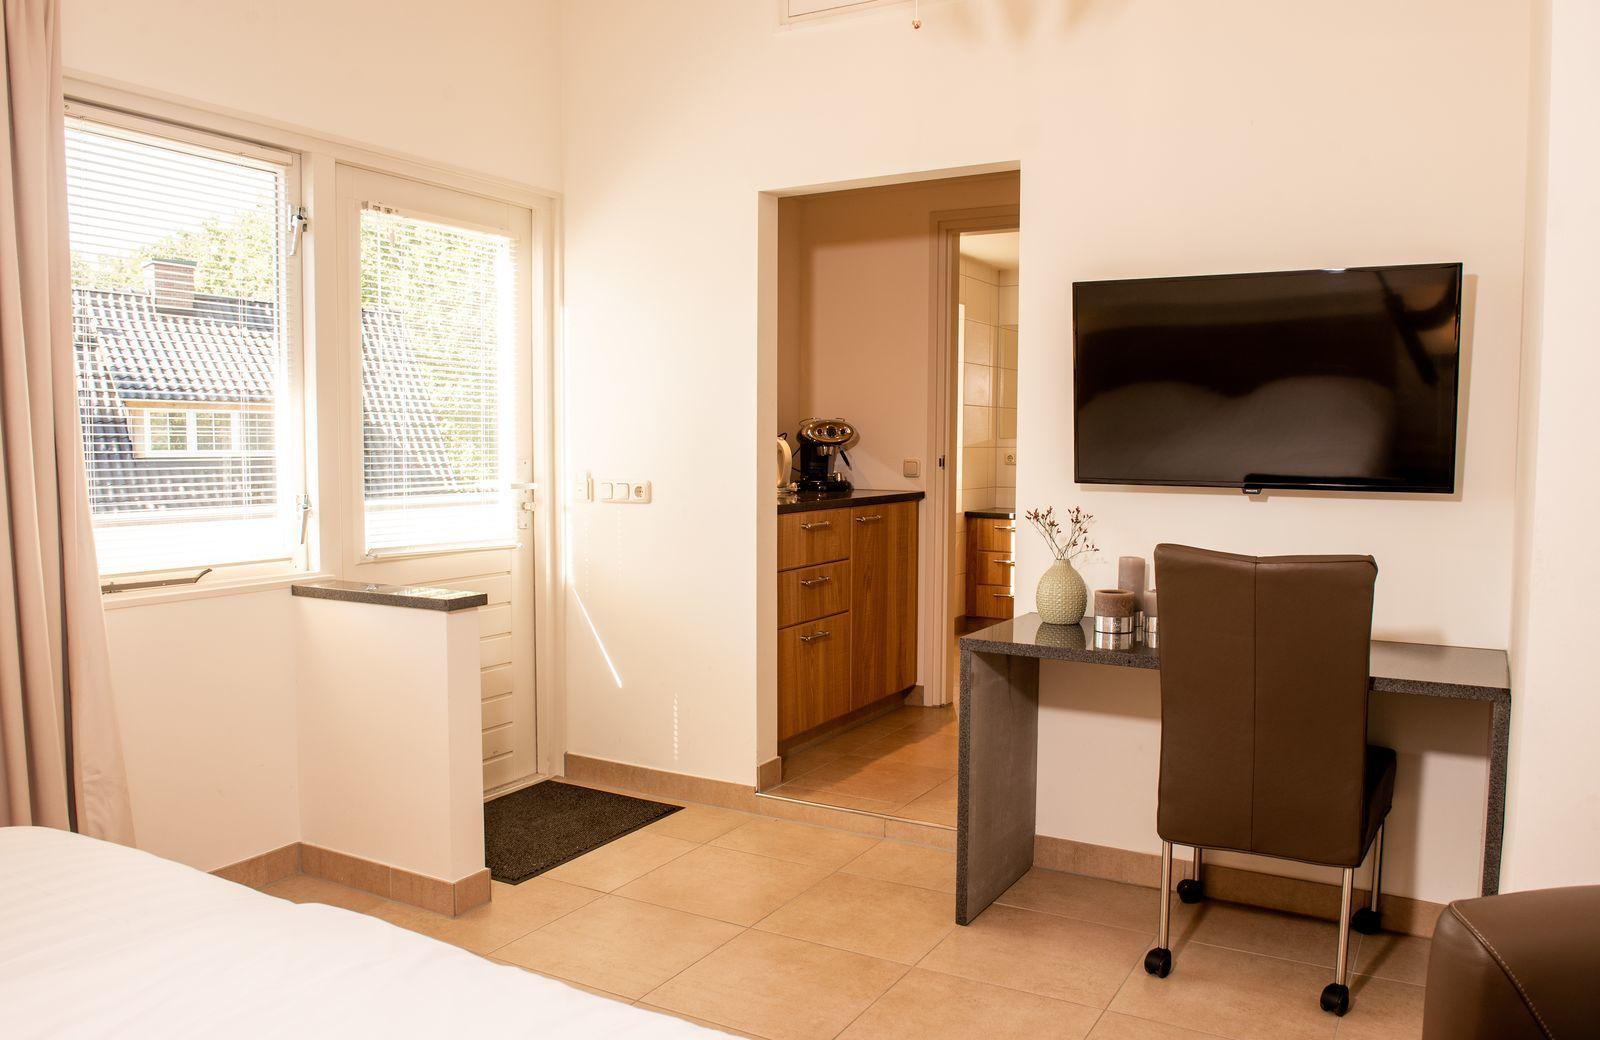 Comfort Kamer 2 personen